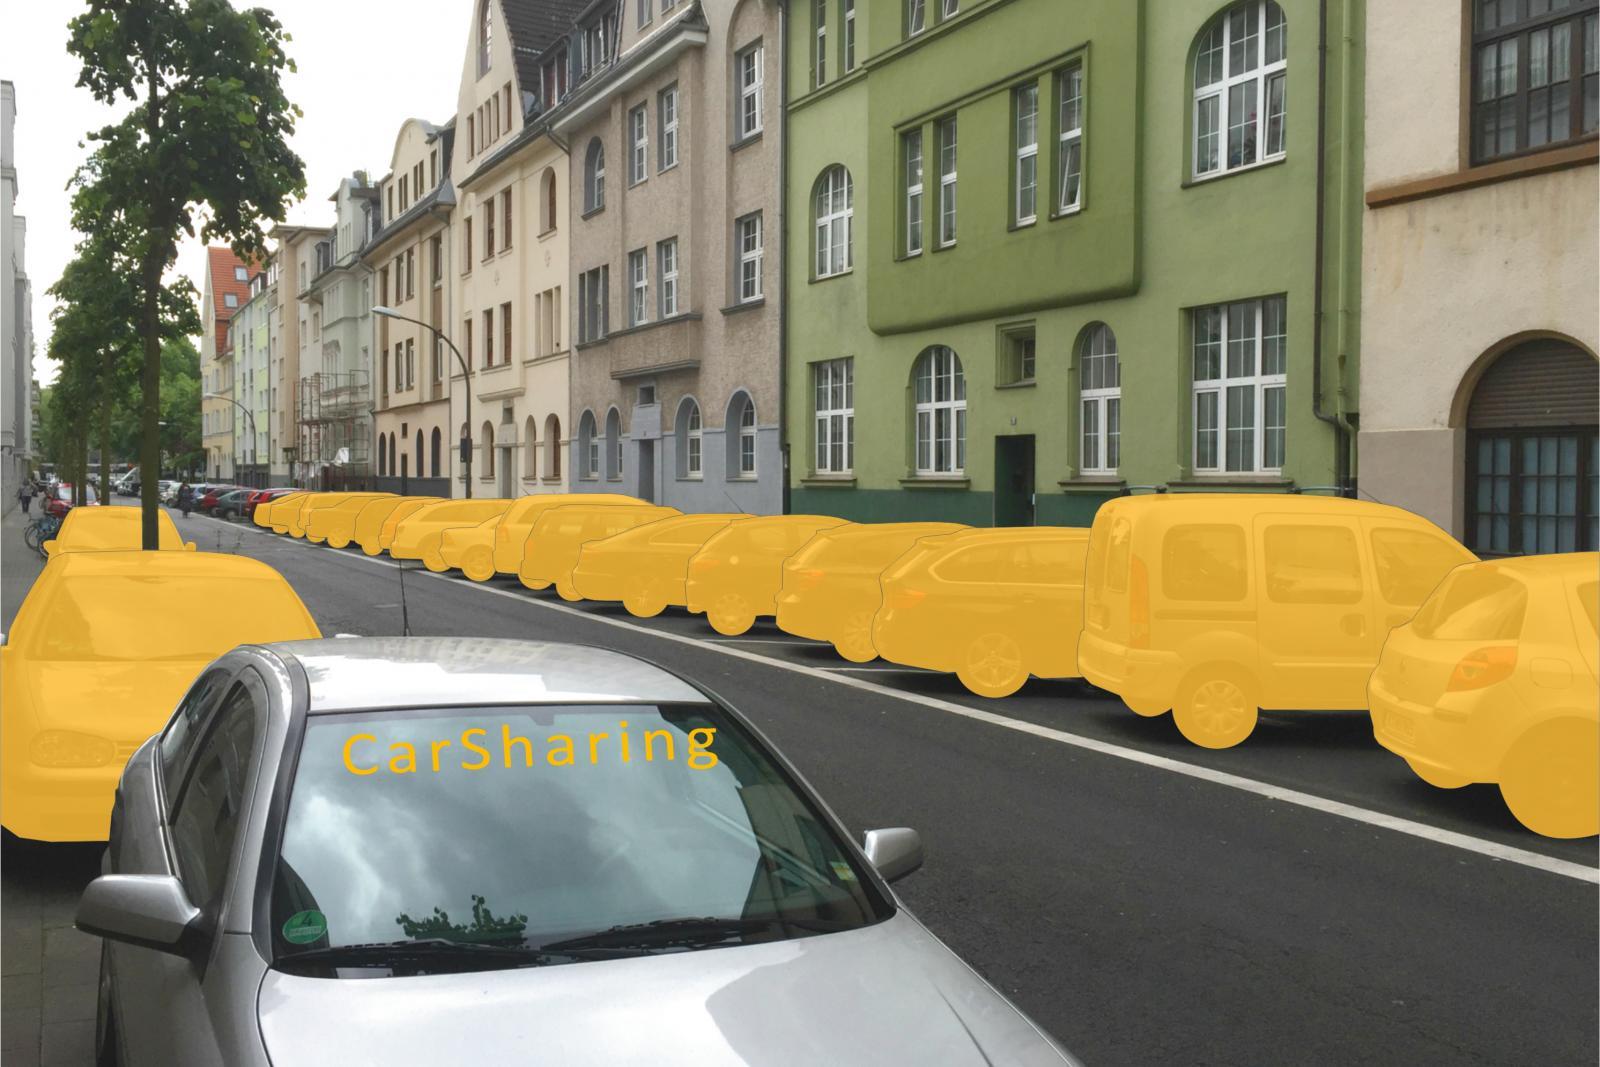 Beispiel Köln-Sülz: Ein CarSharing-Fahrzeug ersetzt hier 19 private Pkw